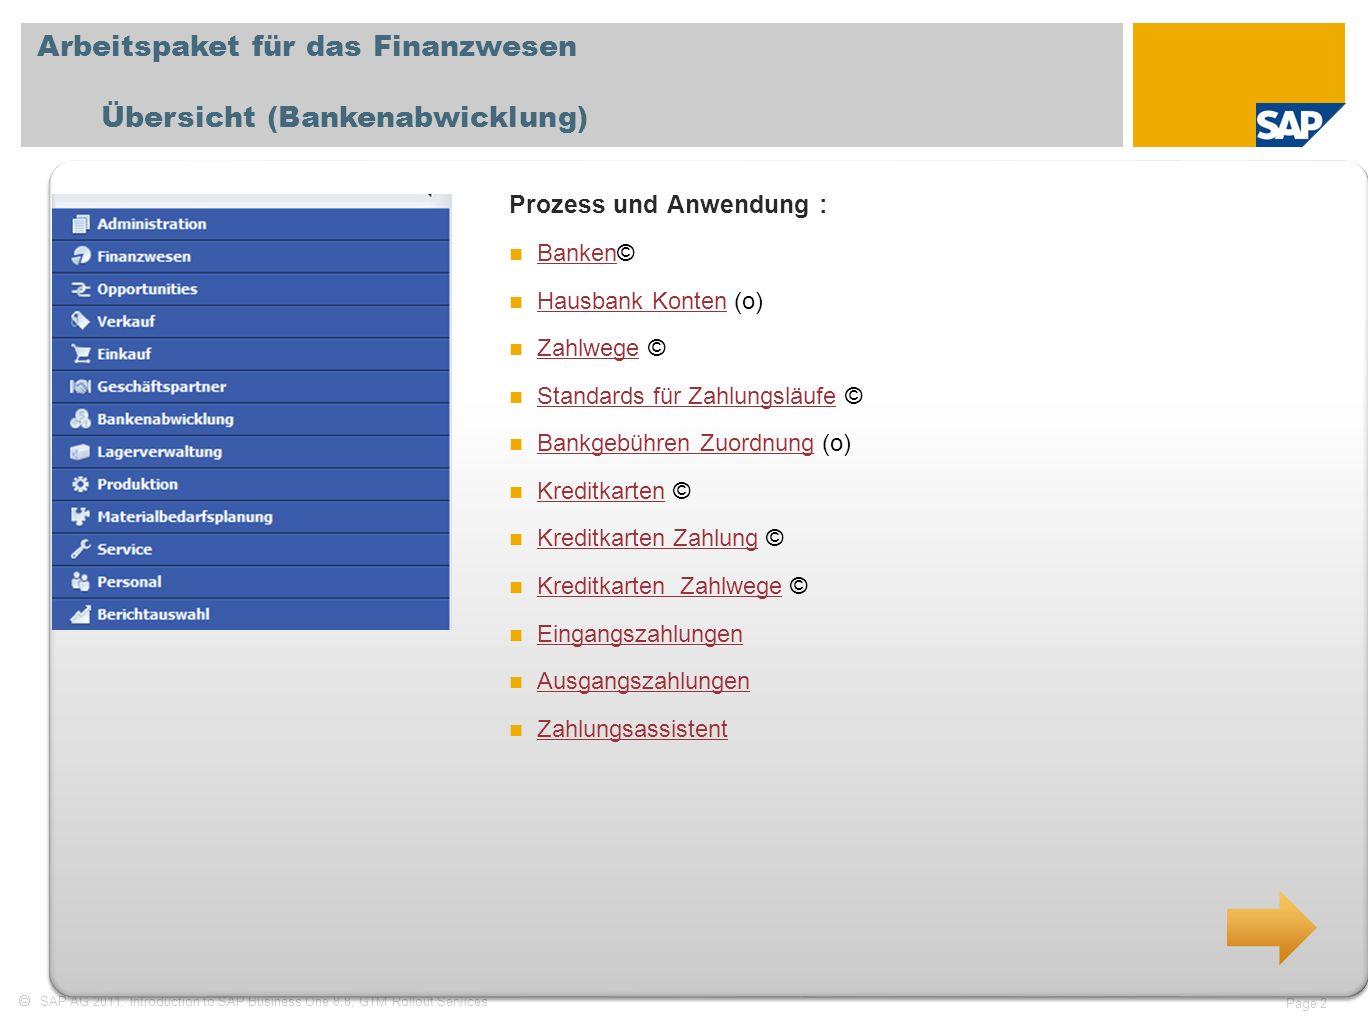 SAP AG 2011, Introduction to SAP Business One 8.8, GTM Rollout Services Page 23 Standards für Zahlungsläufe Prozess und Anwendung Allgemein: In diesem Fenster können Sie die allgemeinen Informationen für den Zahlungsassistenten festlegen.